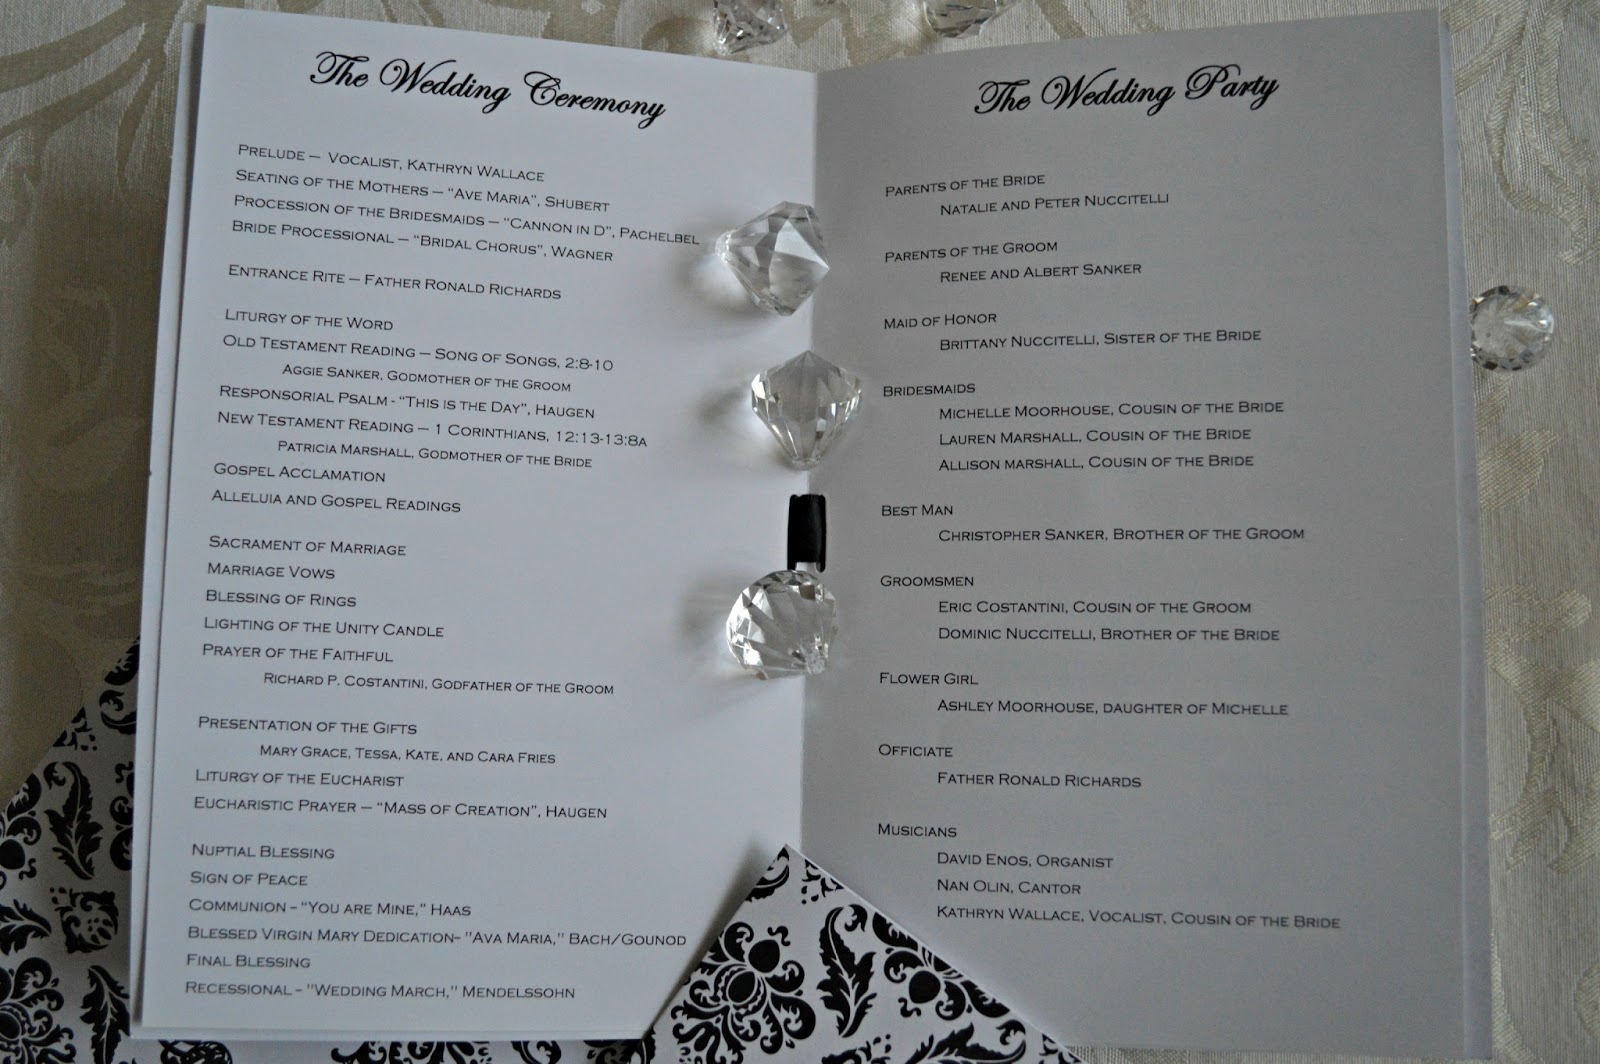 Awesome Catholic Wedding Ceremony Program Without Mass Photos ...